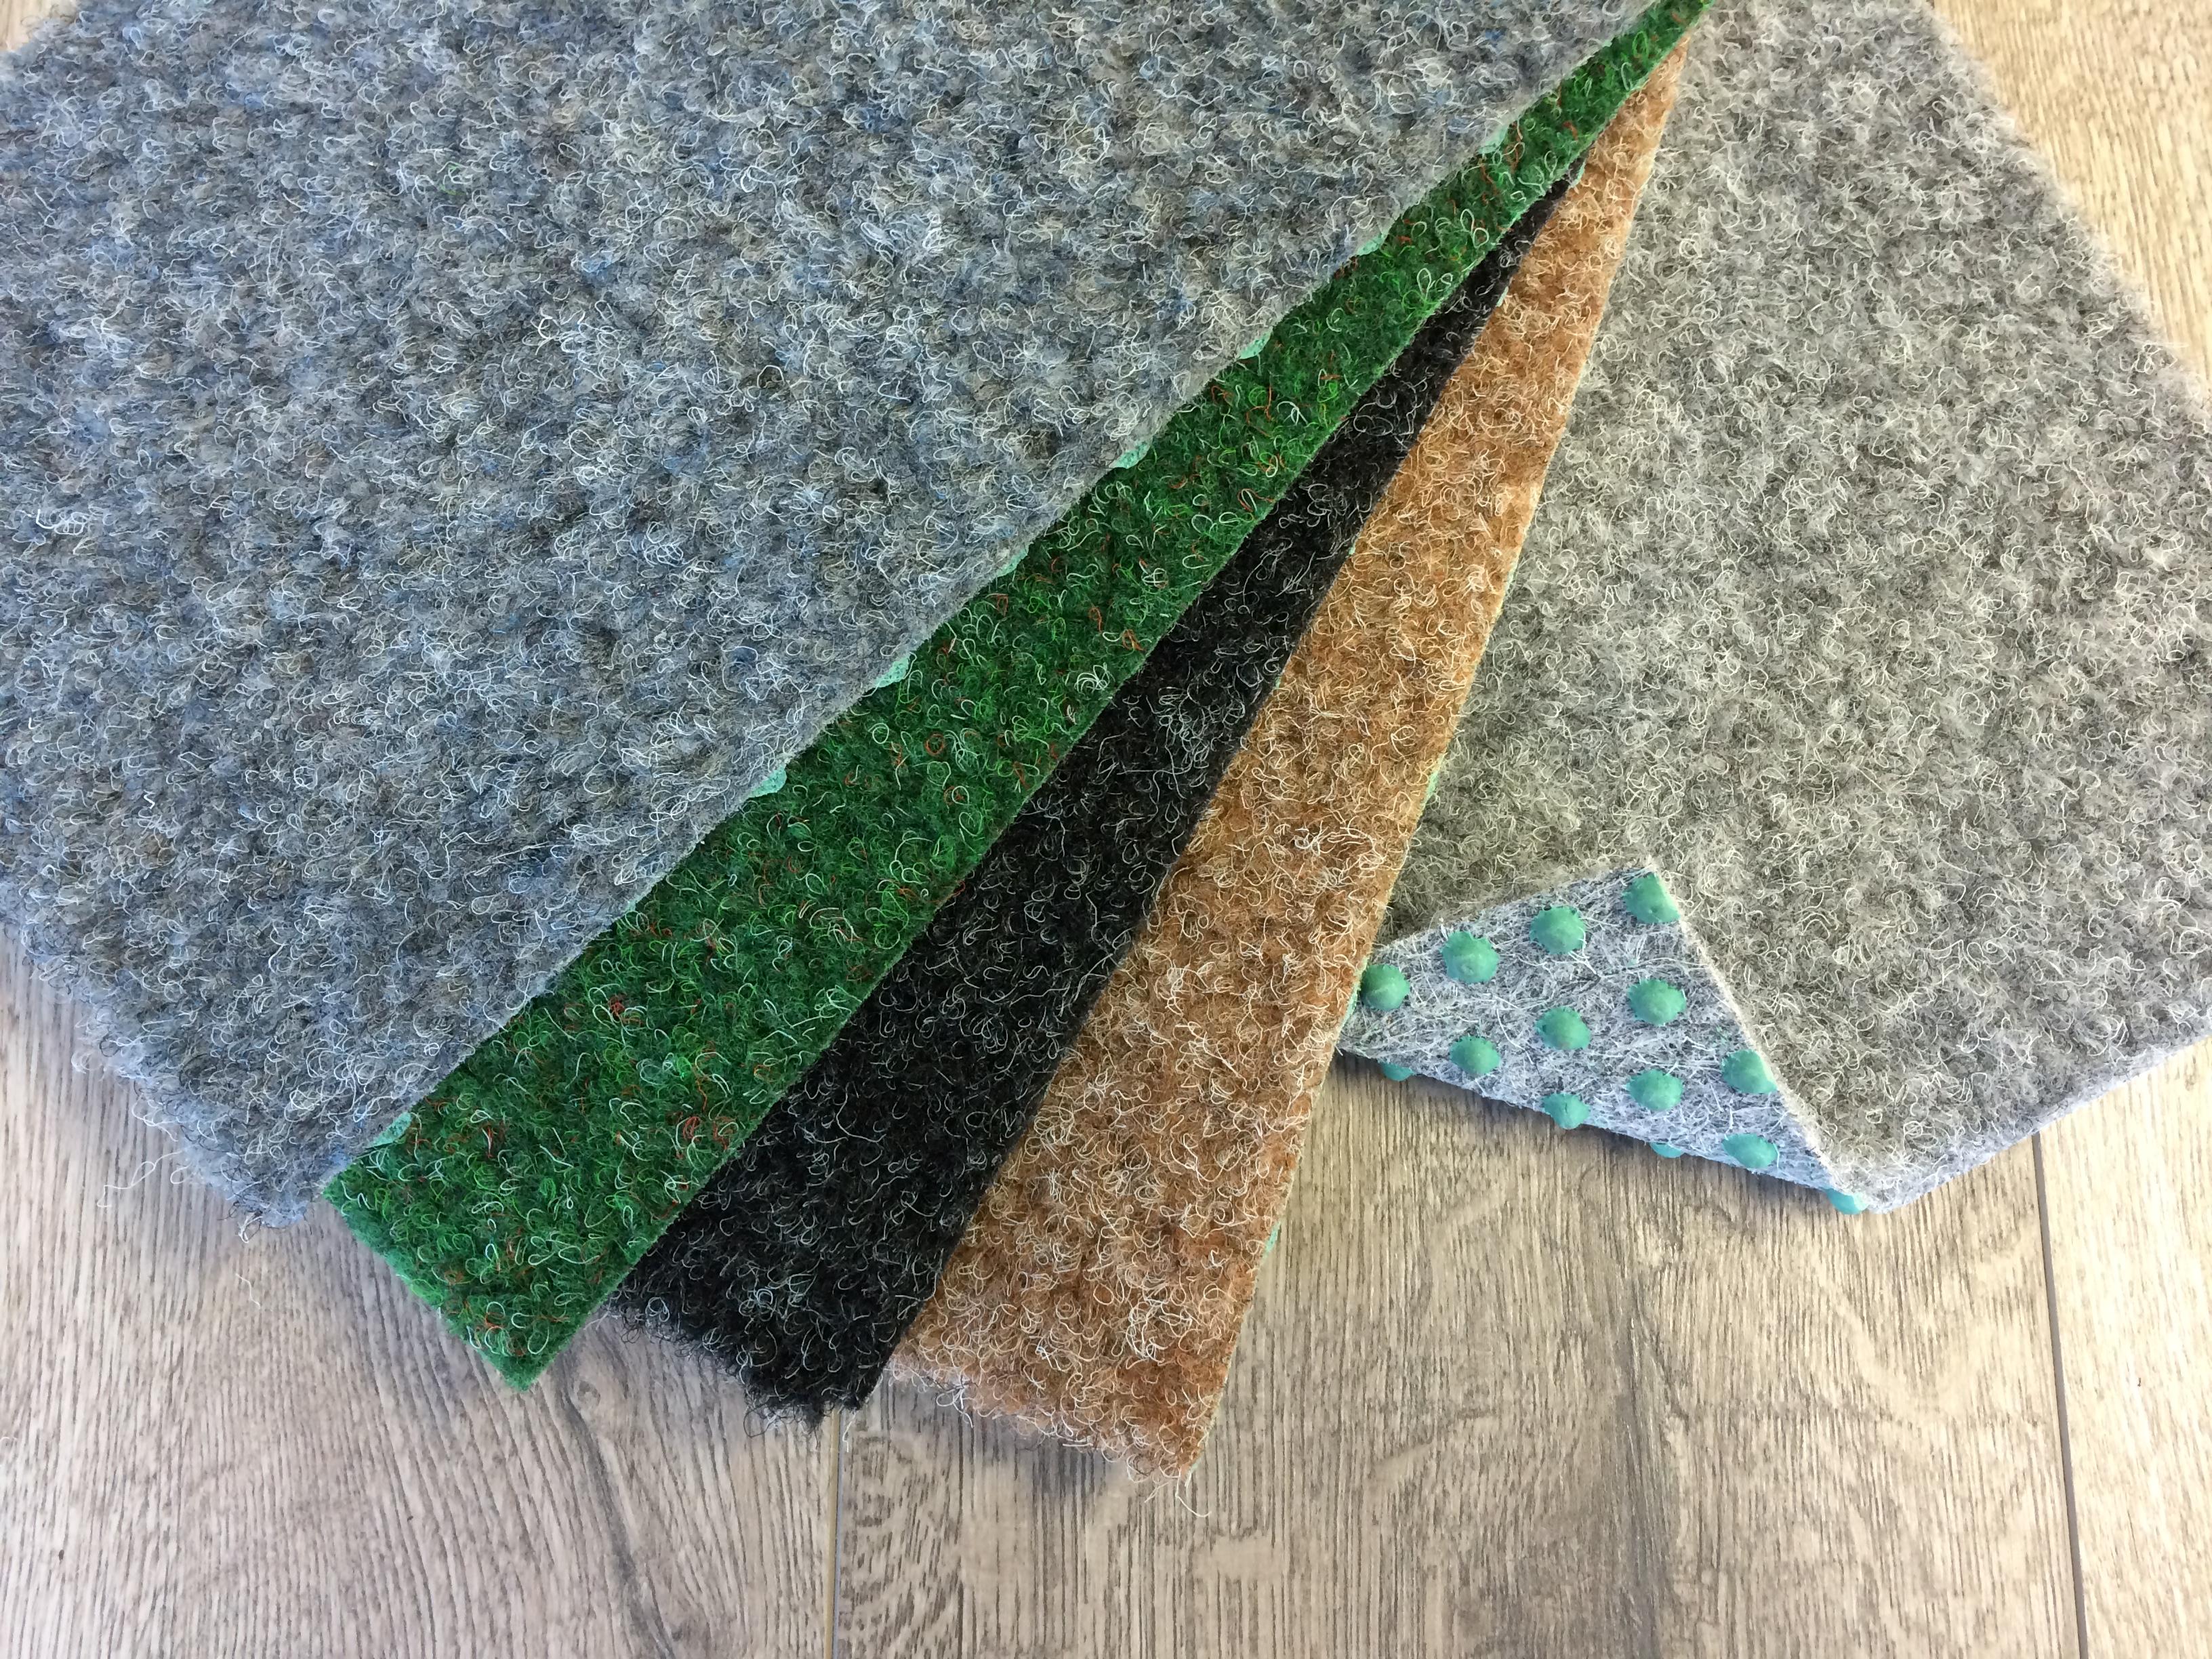 Helt nya Stort utbud av mattor till din altan och uterum. Utemattor i MU-89